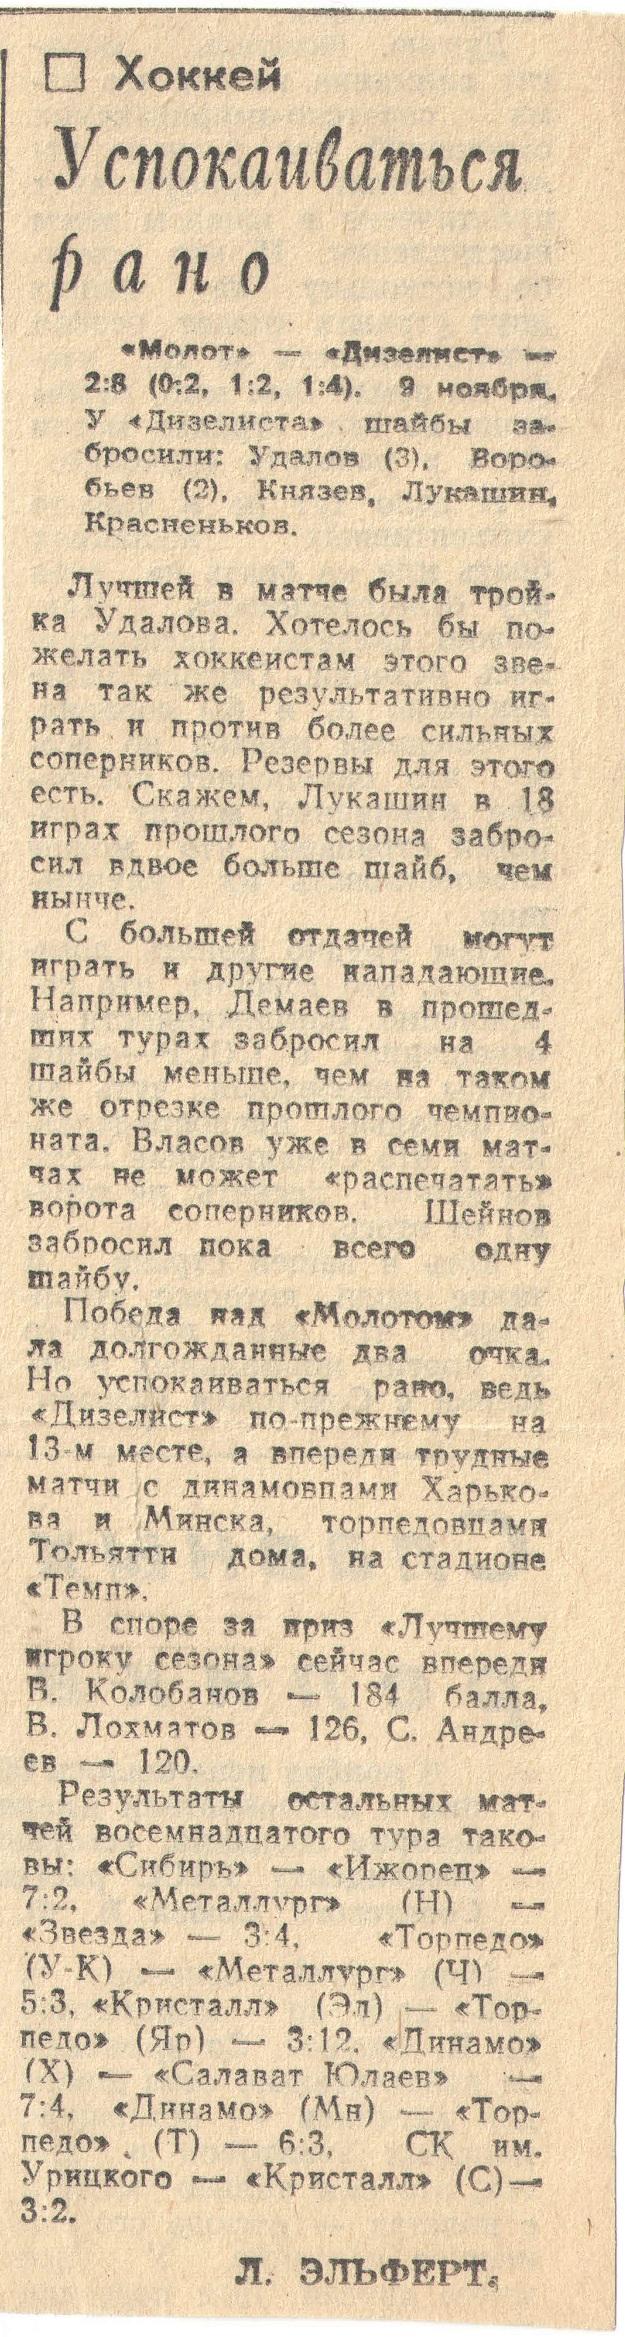 1984-11-9.jpg